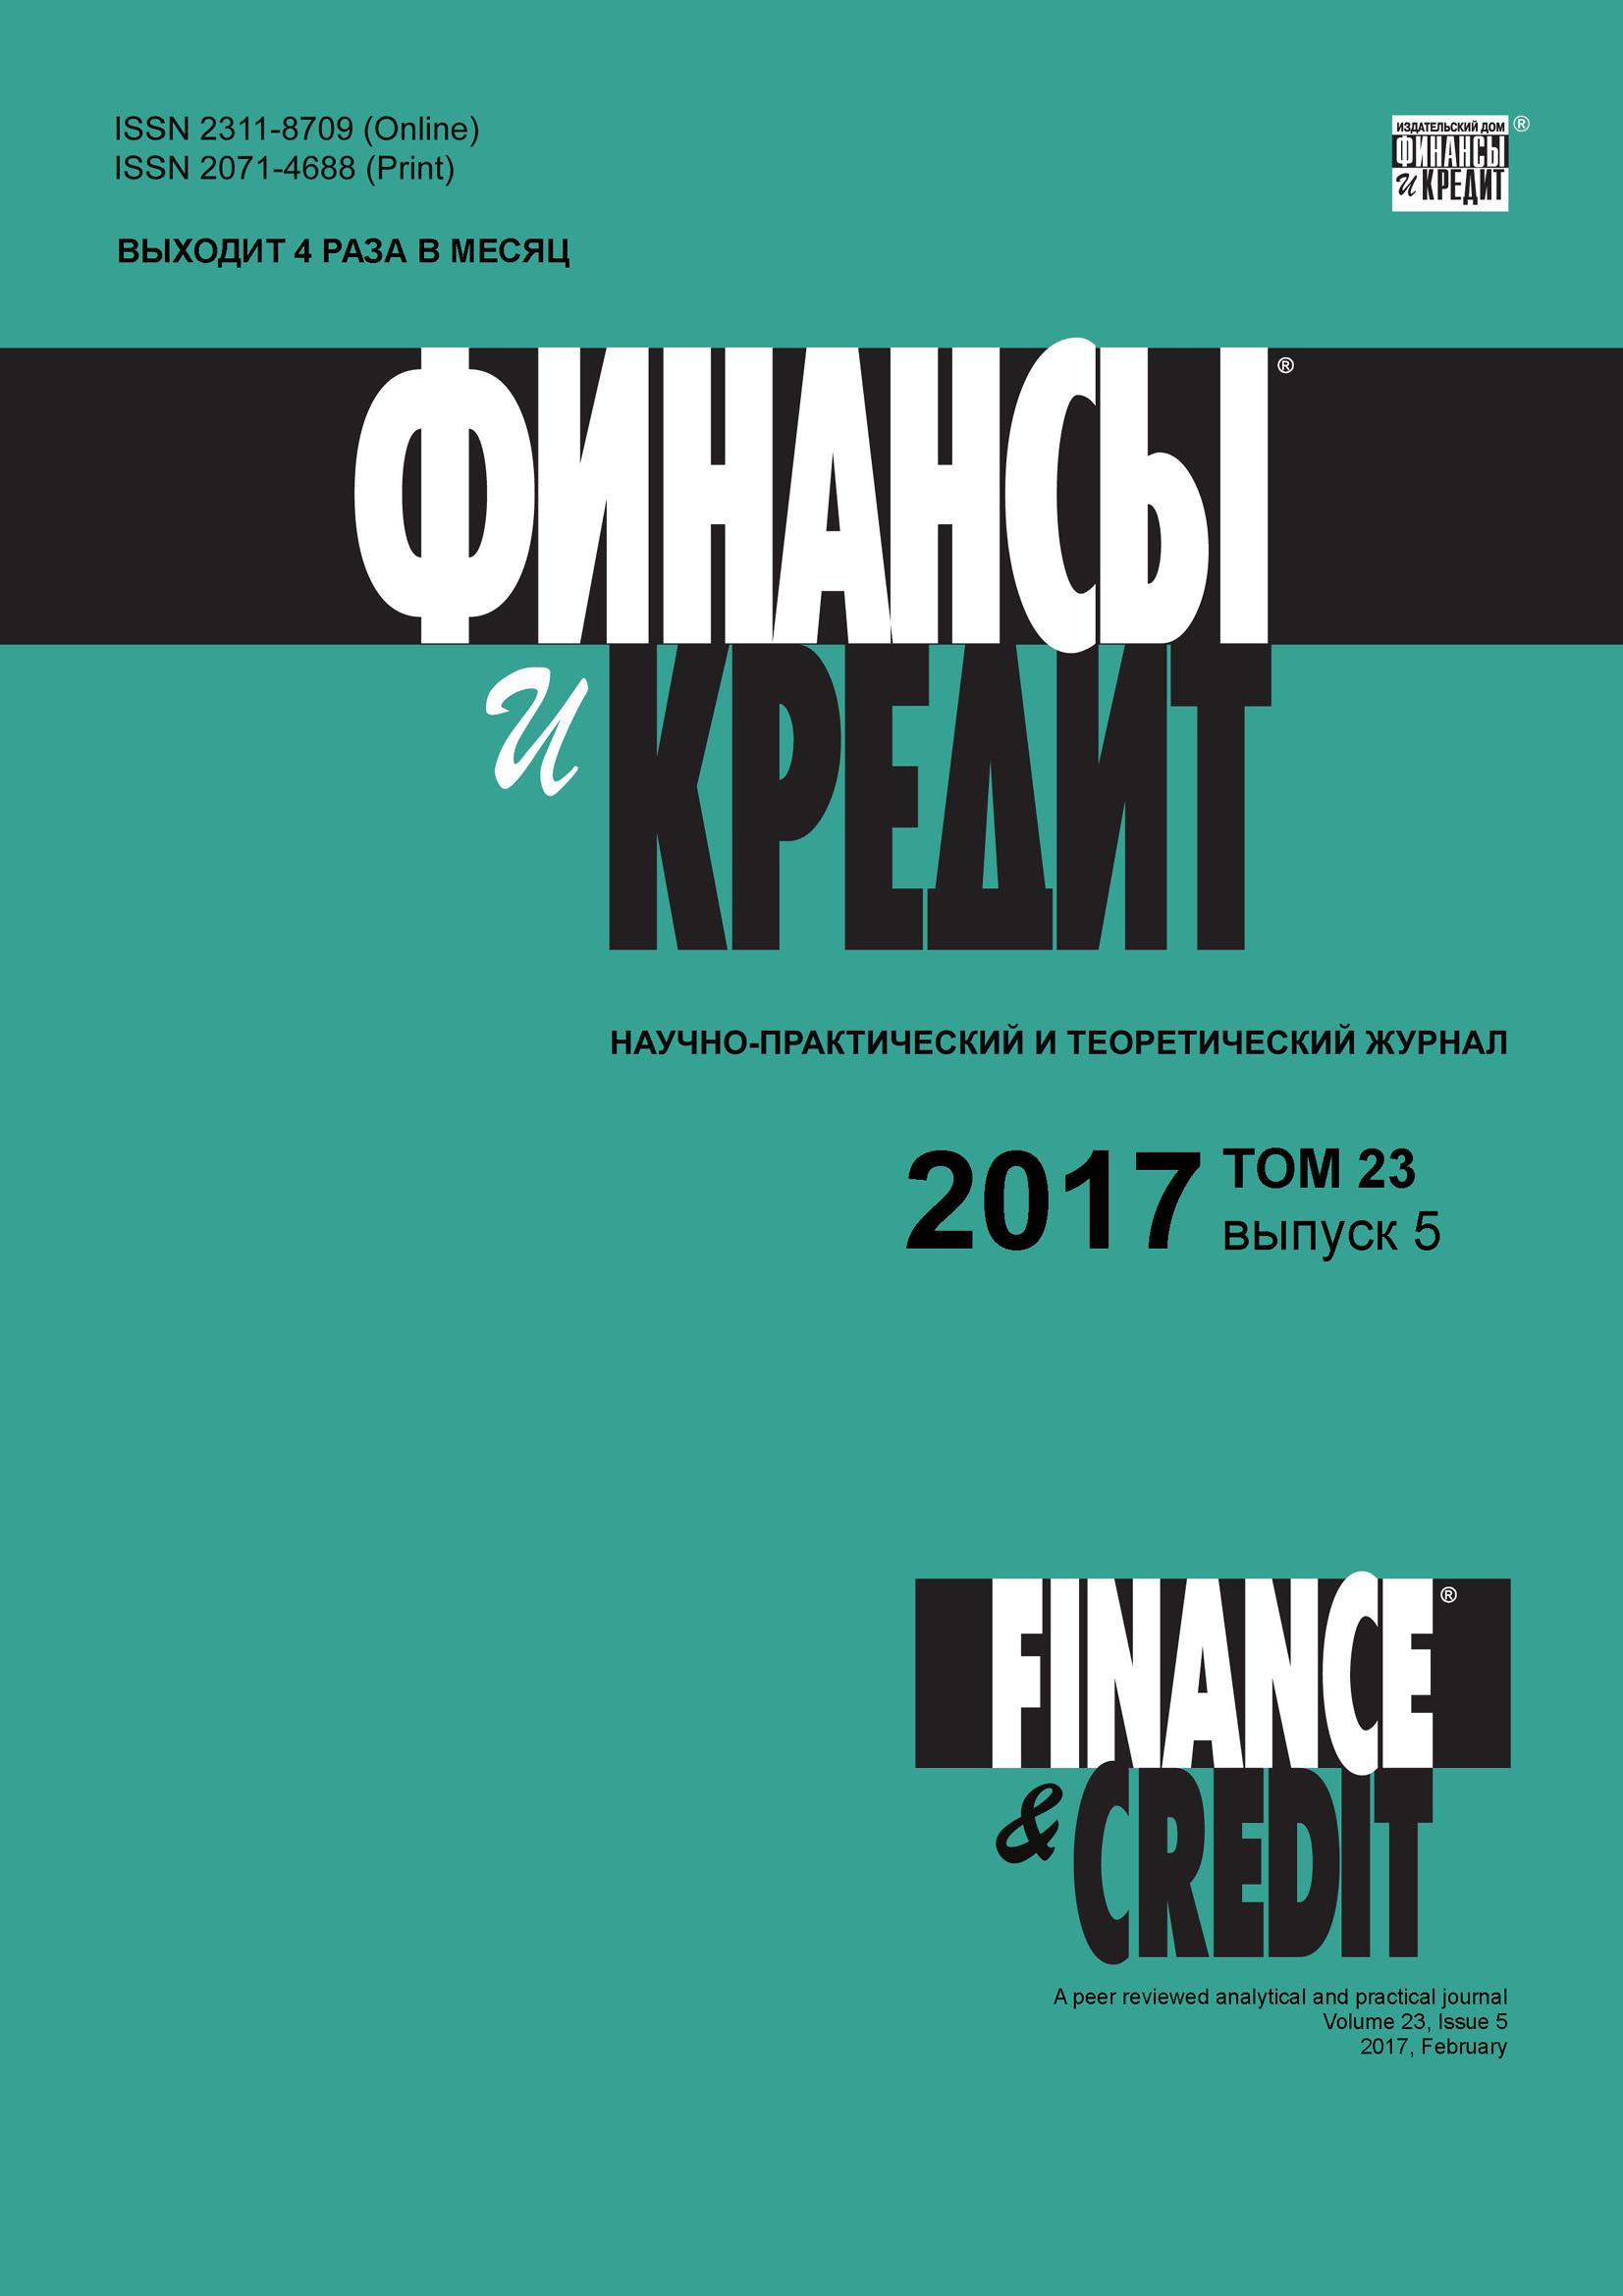 Финансы и Кредит № 5 2017